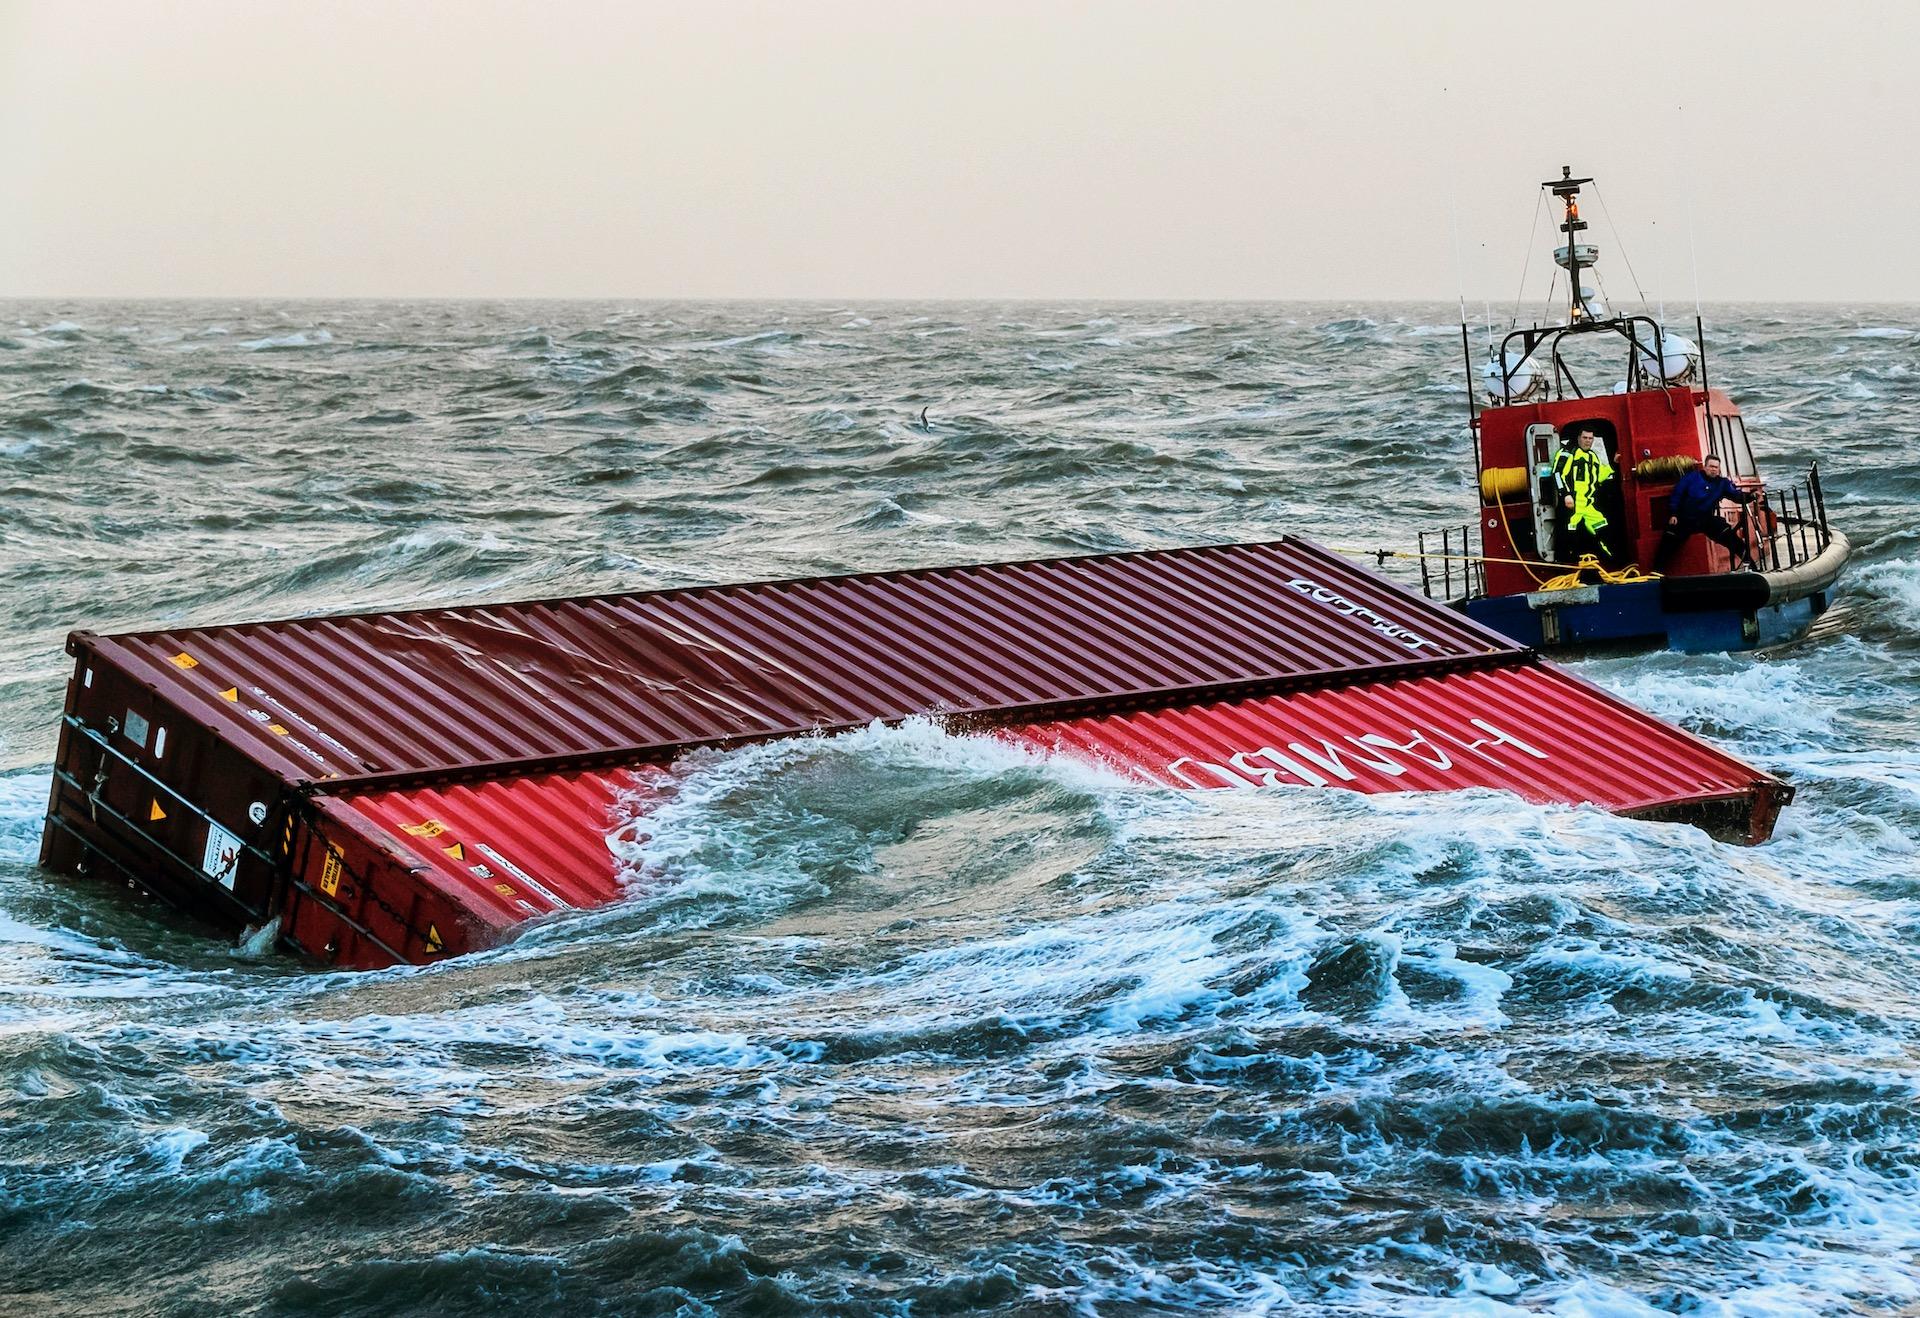 LAUWERSOOG - Twee containers van het schip MSC Zoe spoelen aan voor de kust van Lauwersoog. Een sleepboot probeert de containers de haven in te slepen.